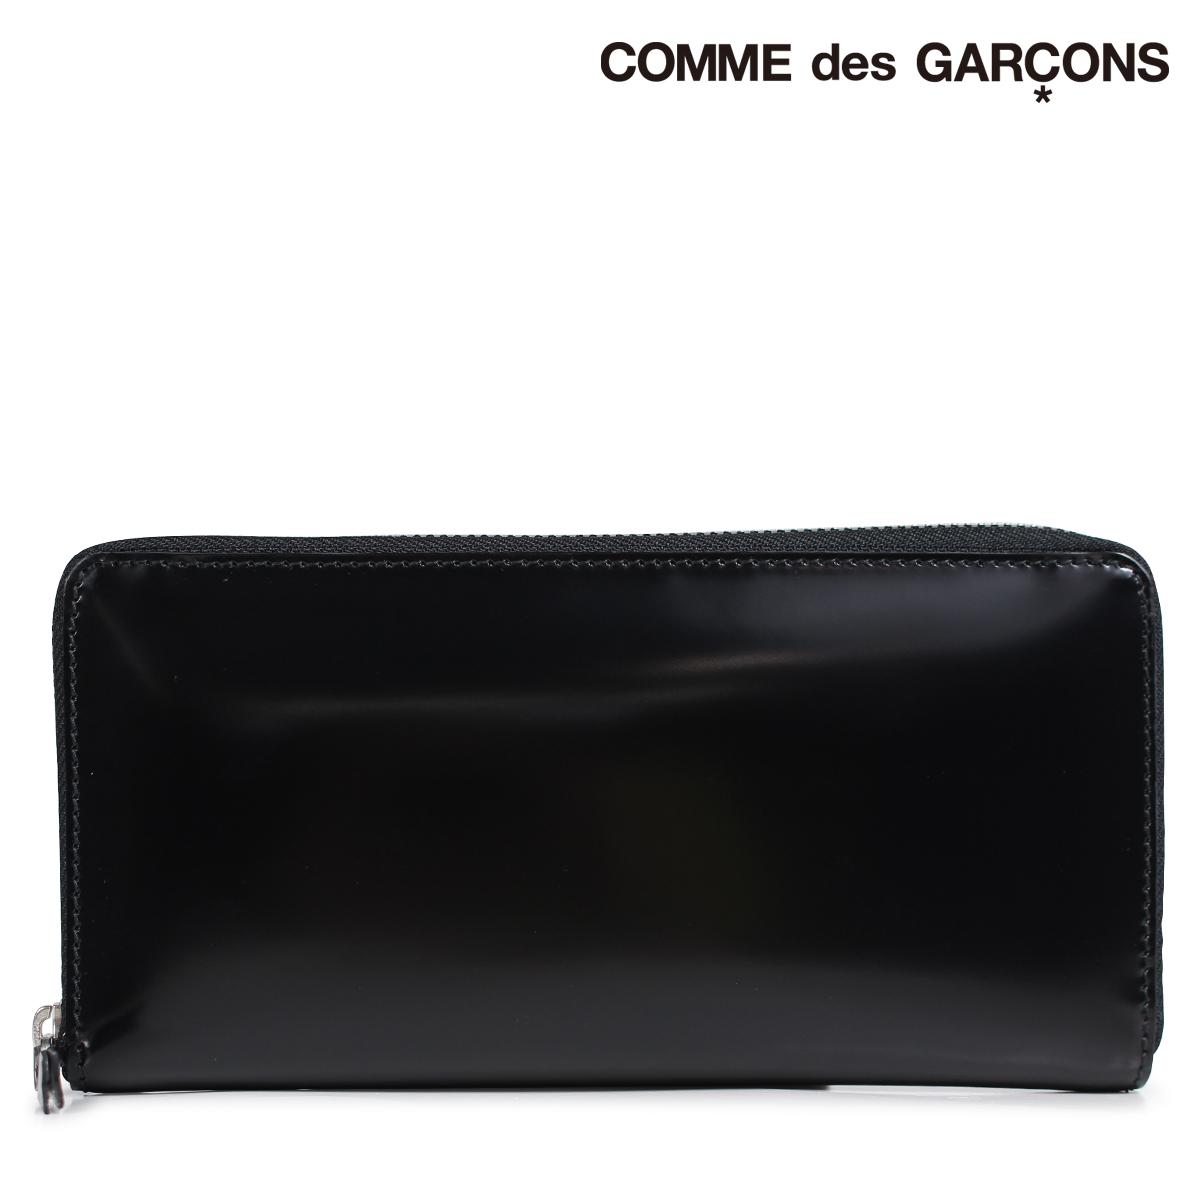 COMME des GARCONS SA0110MI コムデギャルソン 財布 メンズ レディース 長財布 ラウンドファスナー ブラック